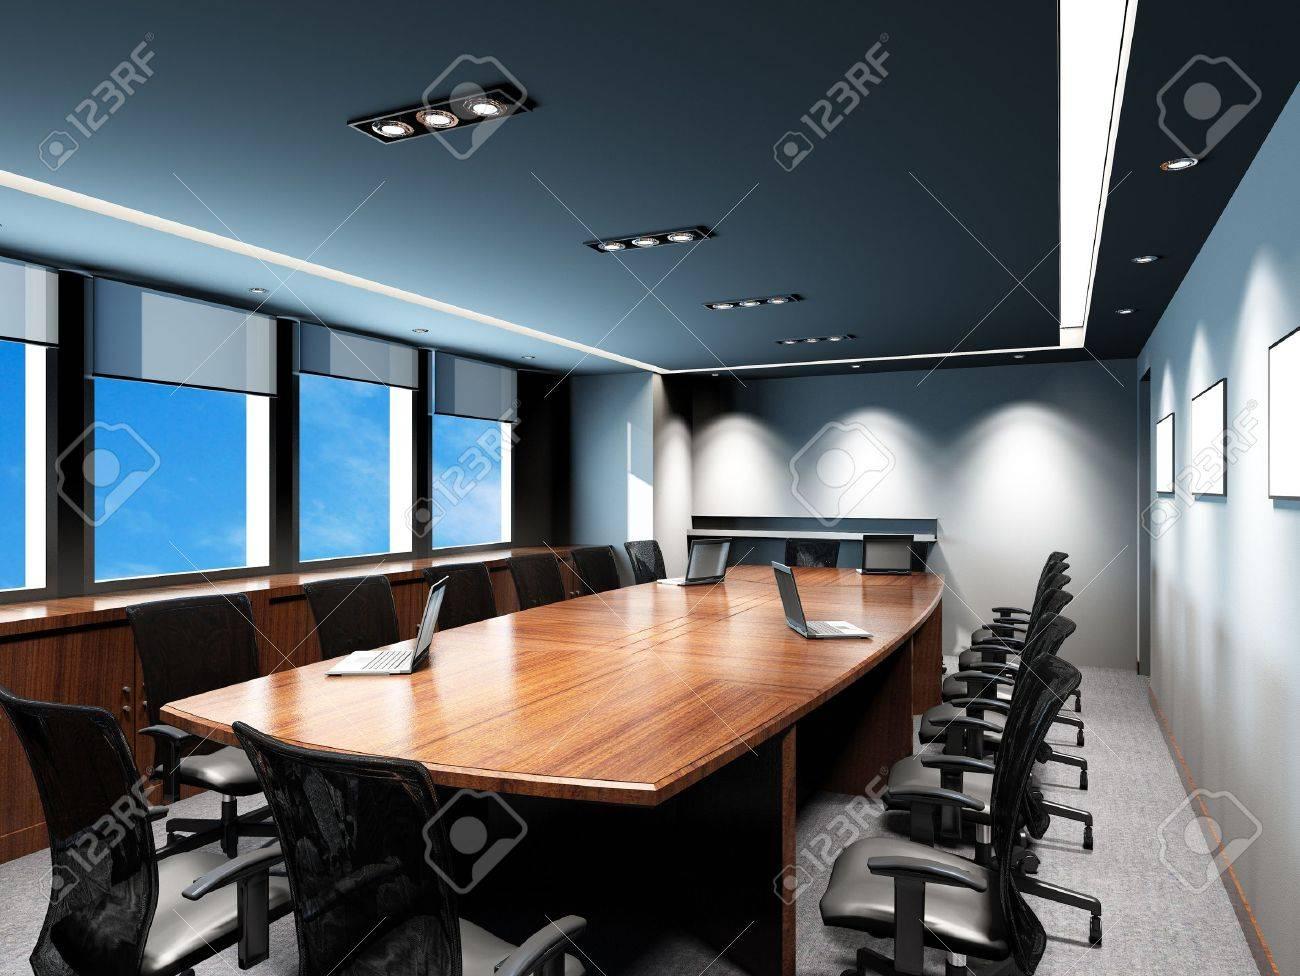 Agreable Banque Du0027images   Salle De Réunion Du0027affaires Dans Le Bureau Avec Une  Décoration Moderne